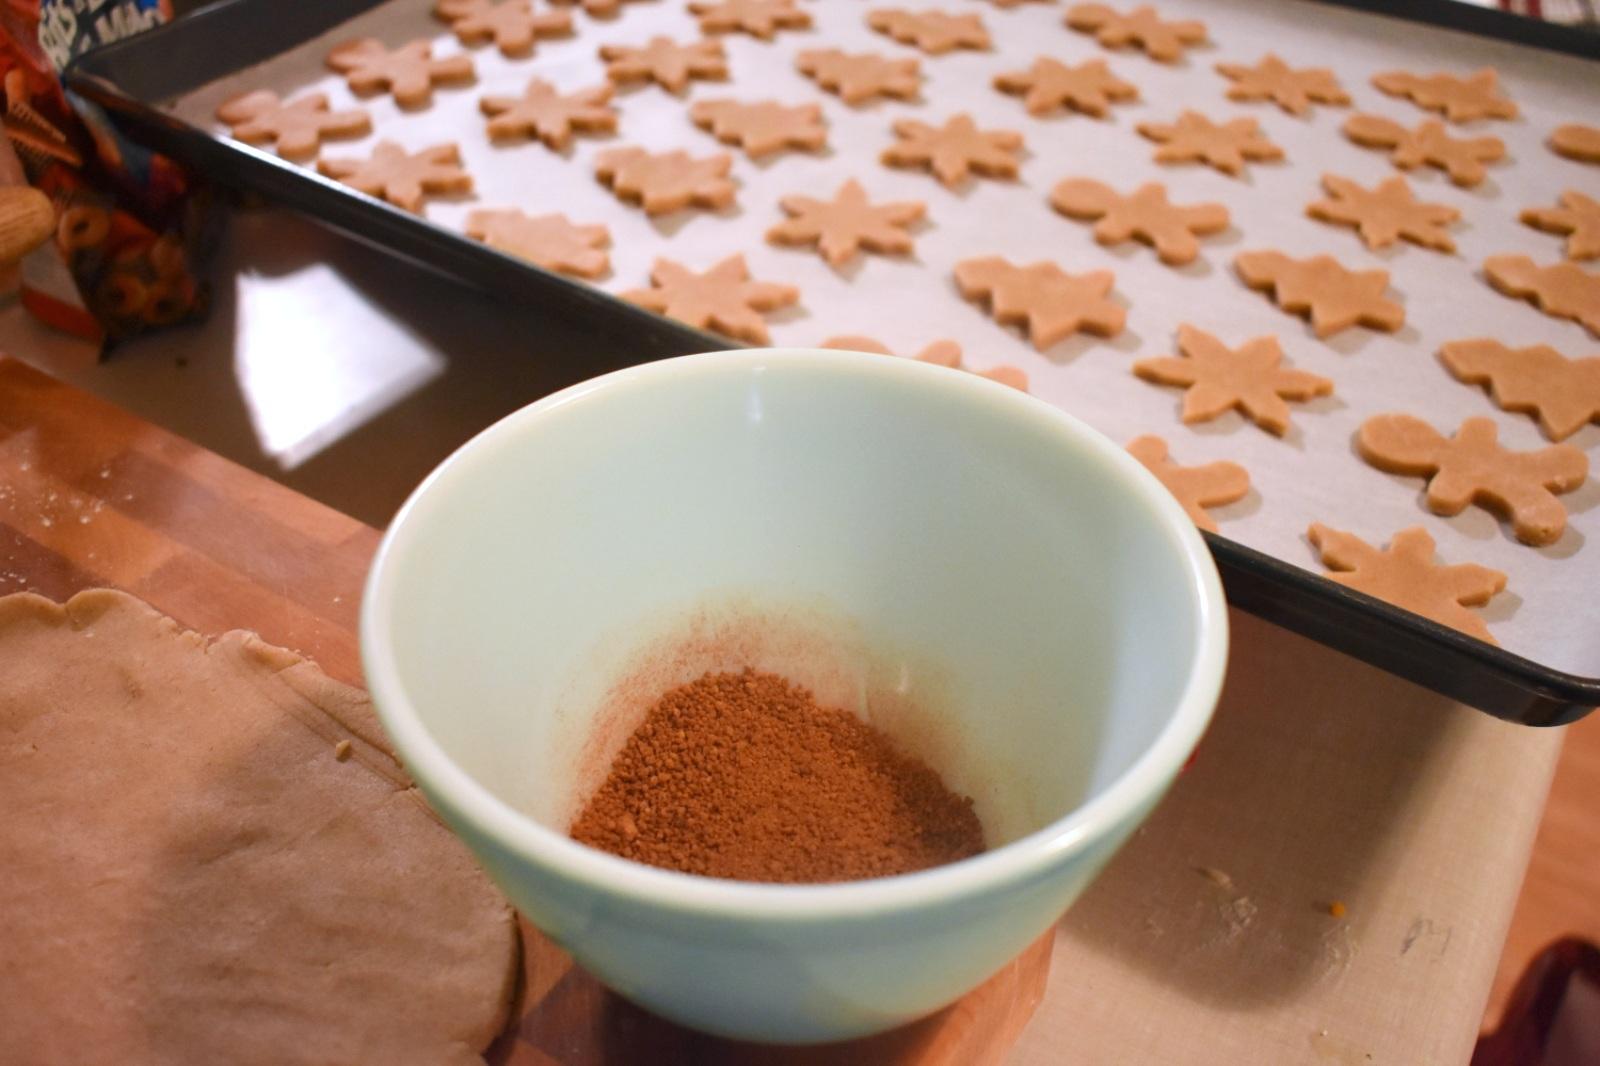 Biscuits sablés à la cannelle - Auboutdelalangue.com (7)